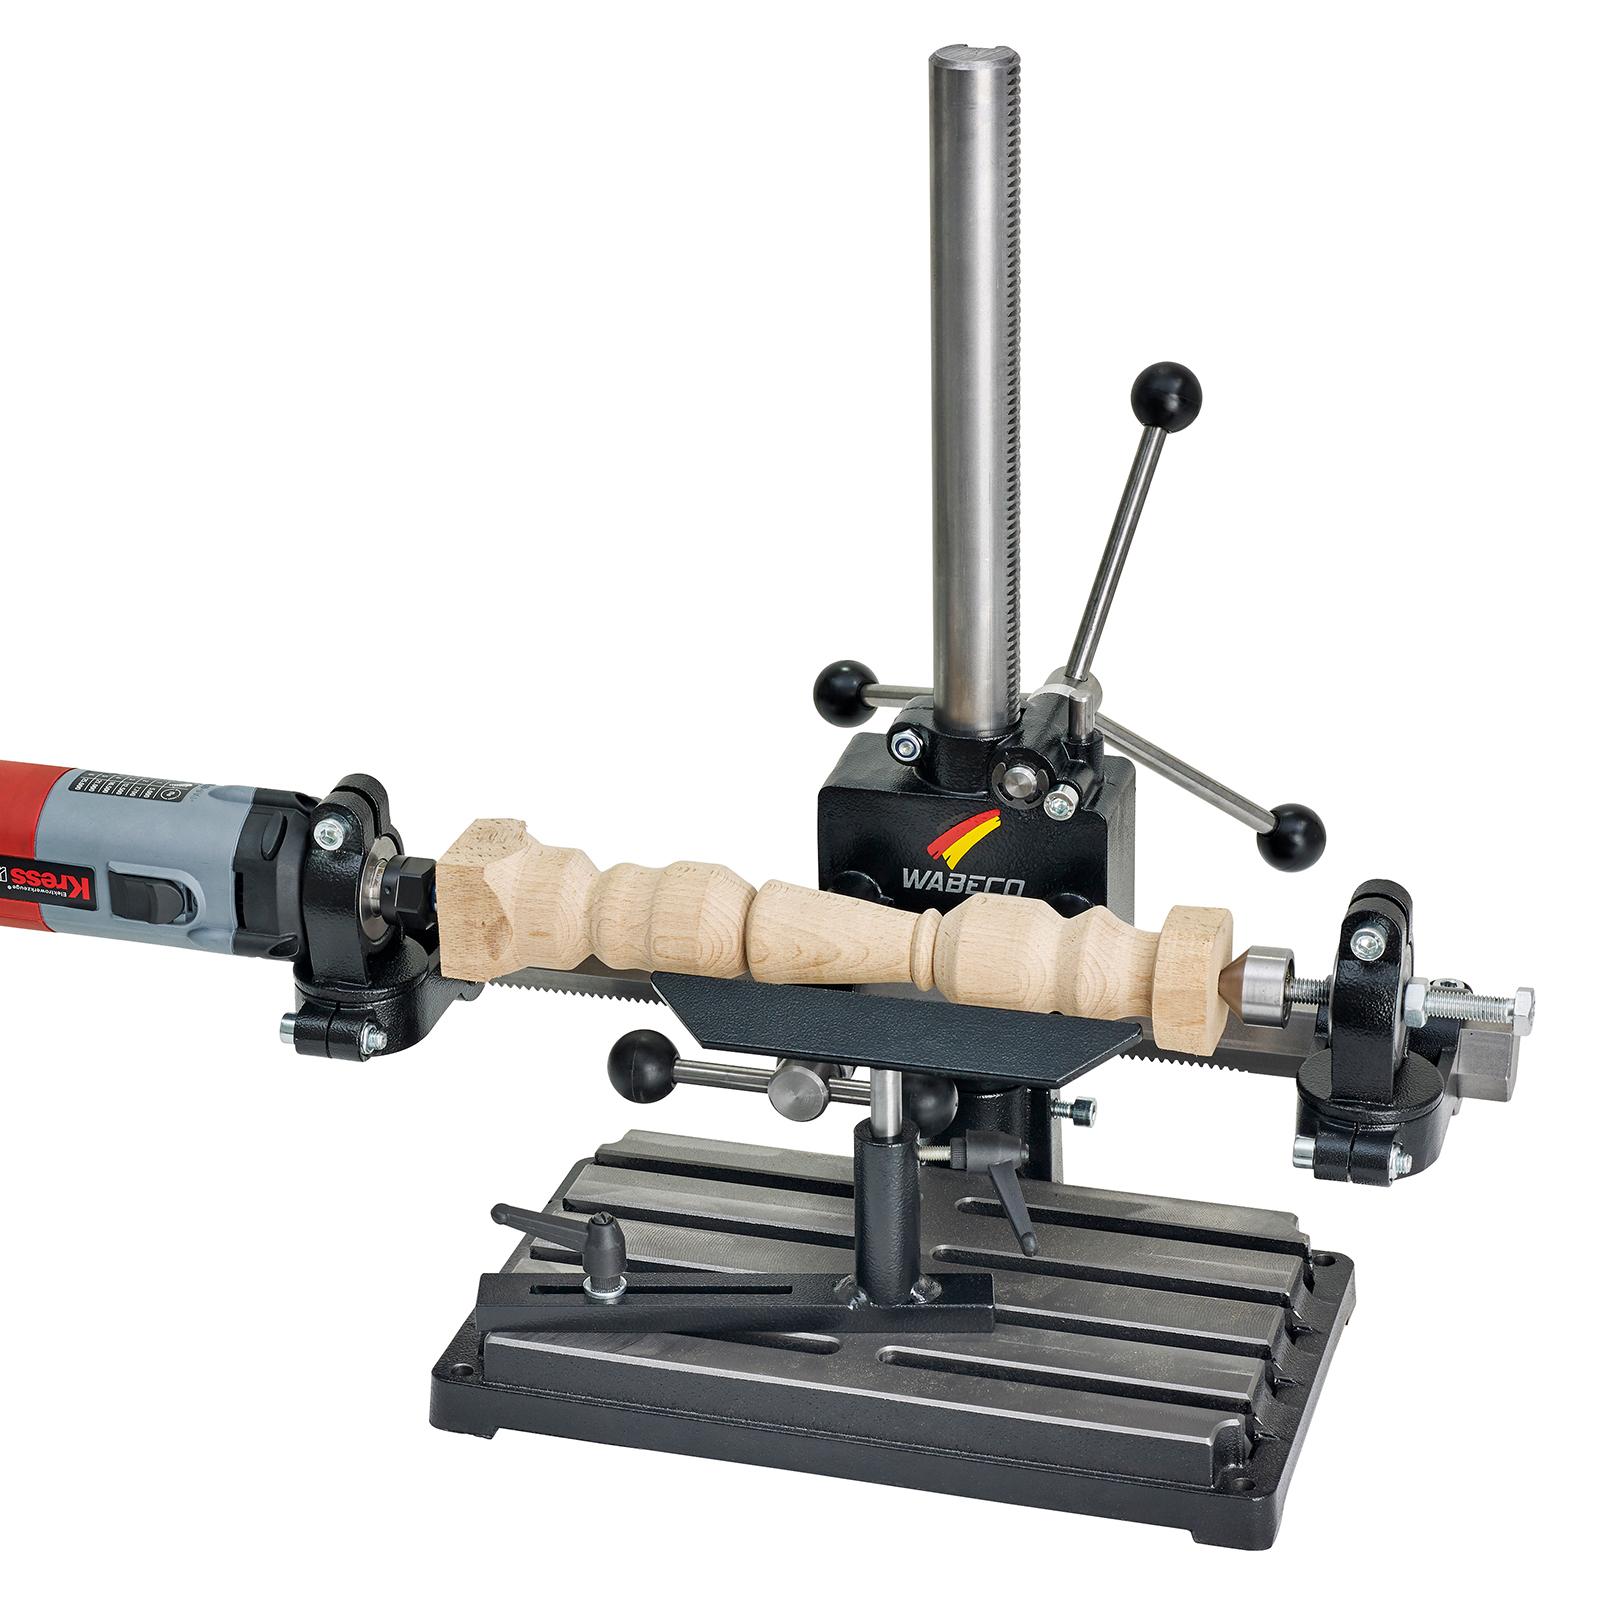 WABECO-Bohrstaender-Fraesstaender-BF1240-Stahl-Saeule-500-mm-Stahl-Ausleger-350-mm Indexbild 11